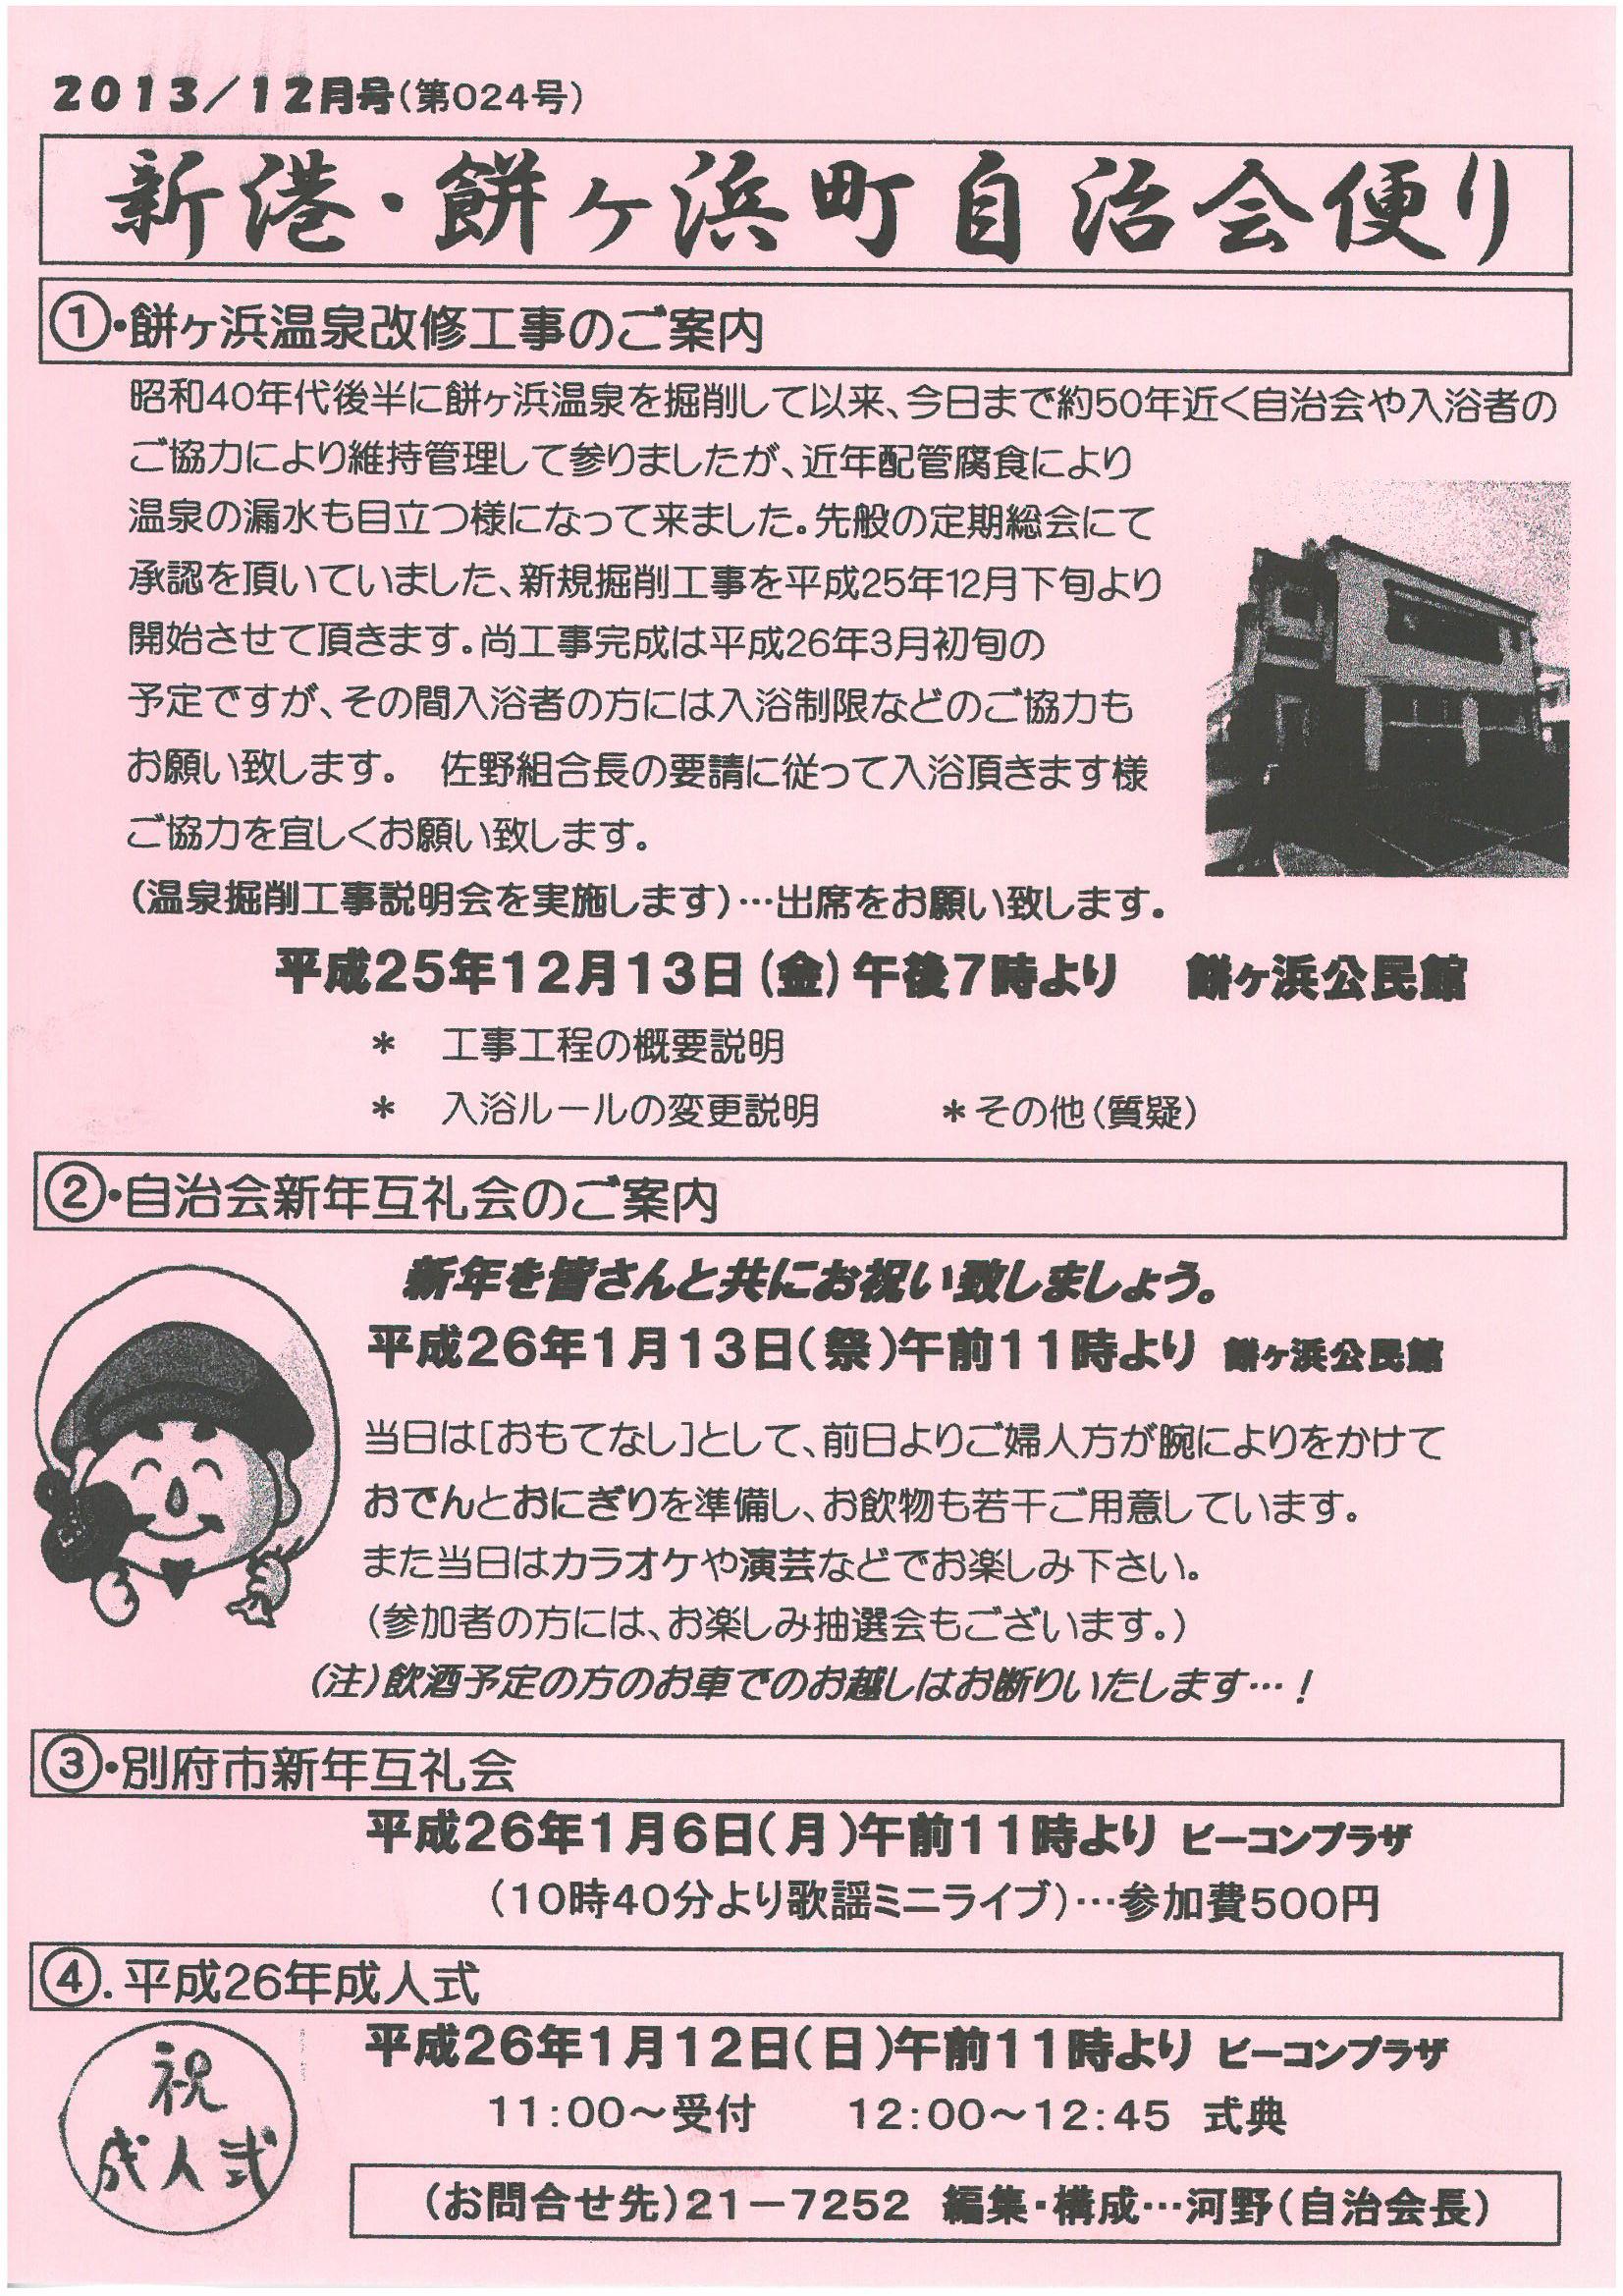 shinminato2013_12